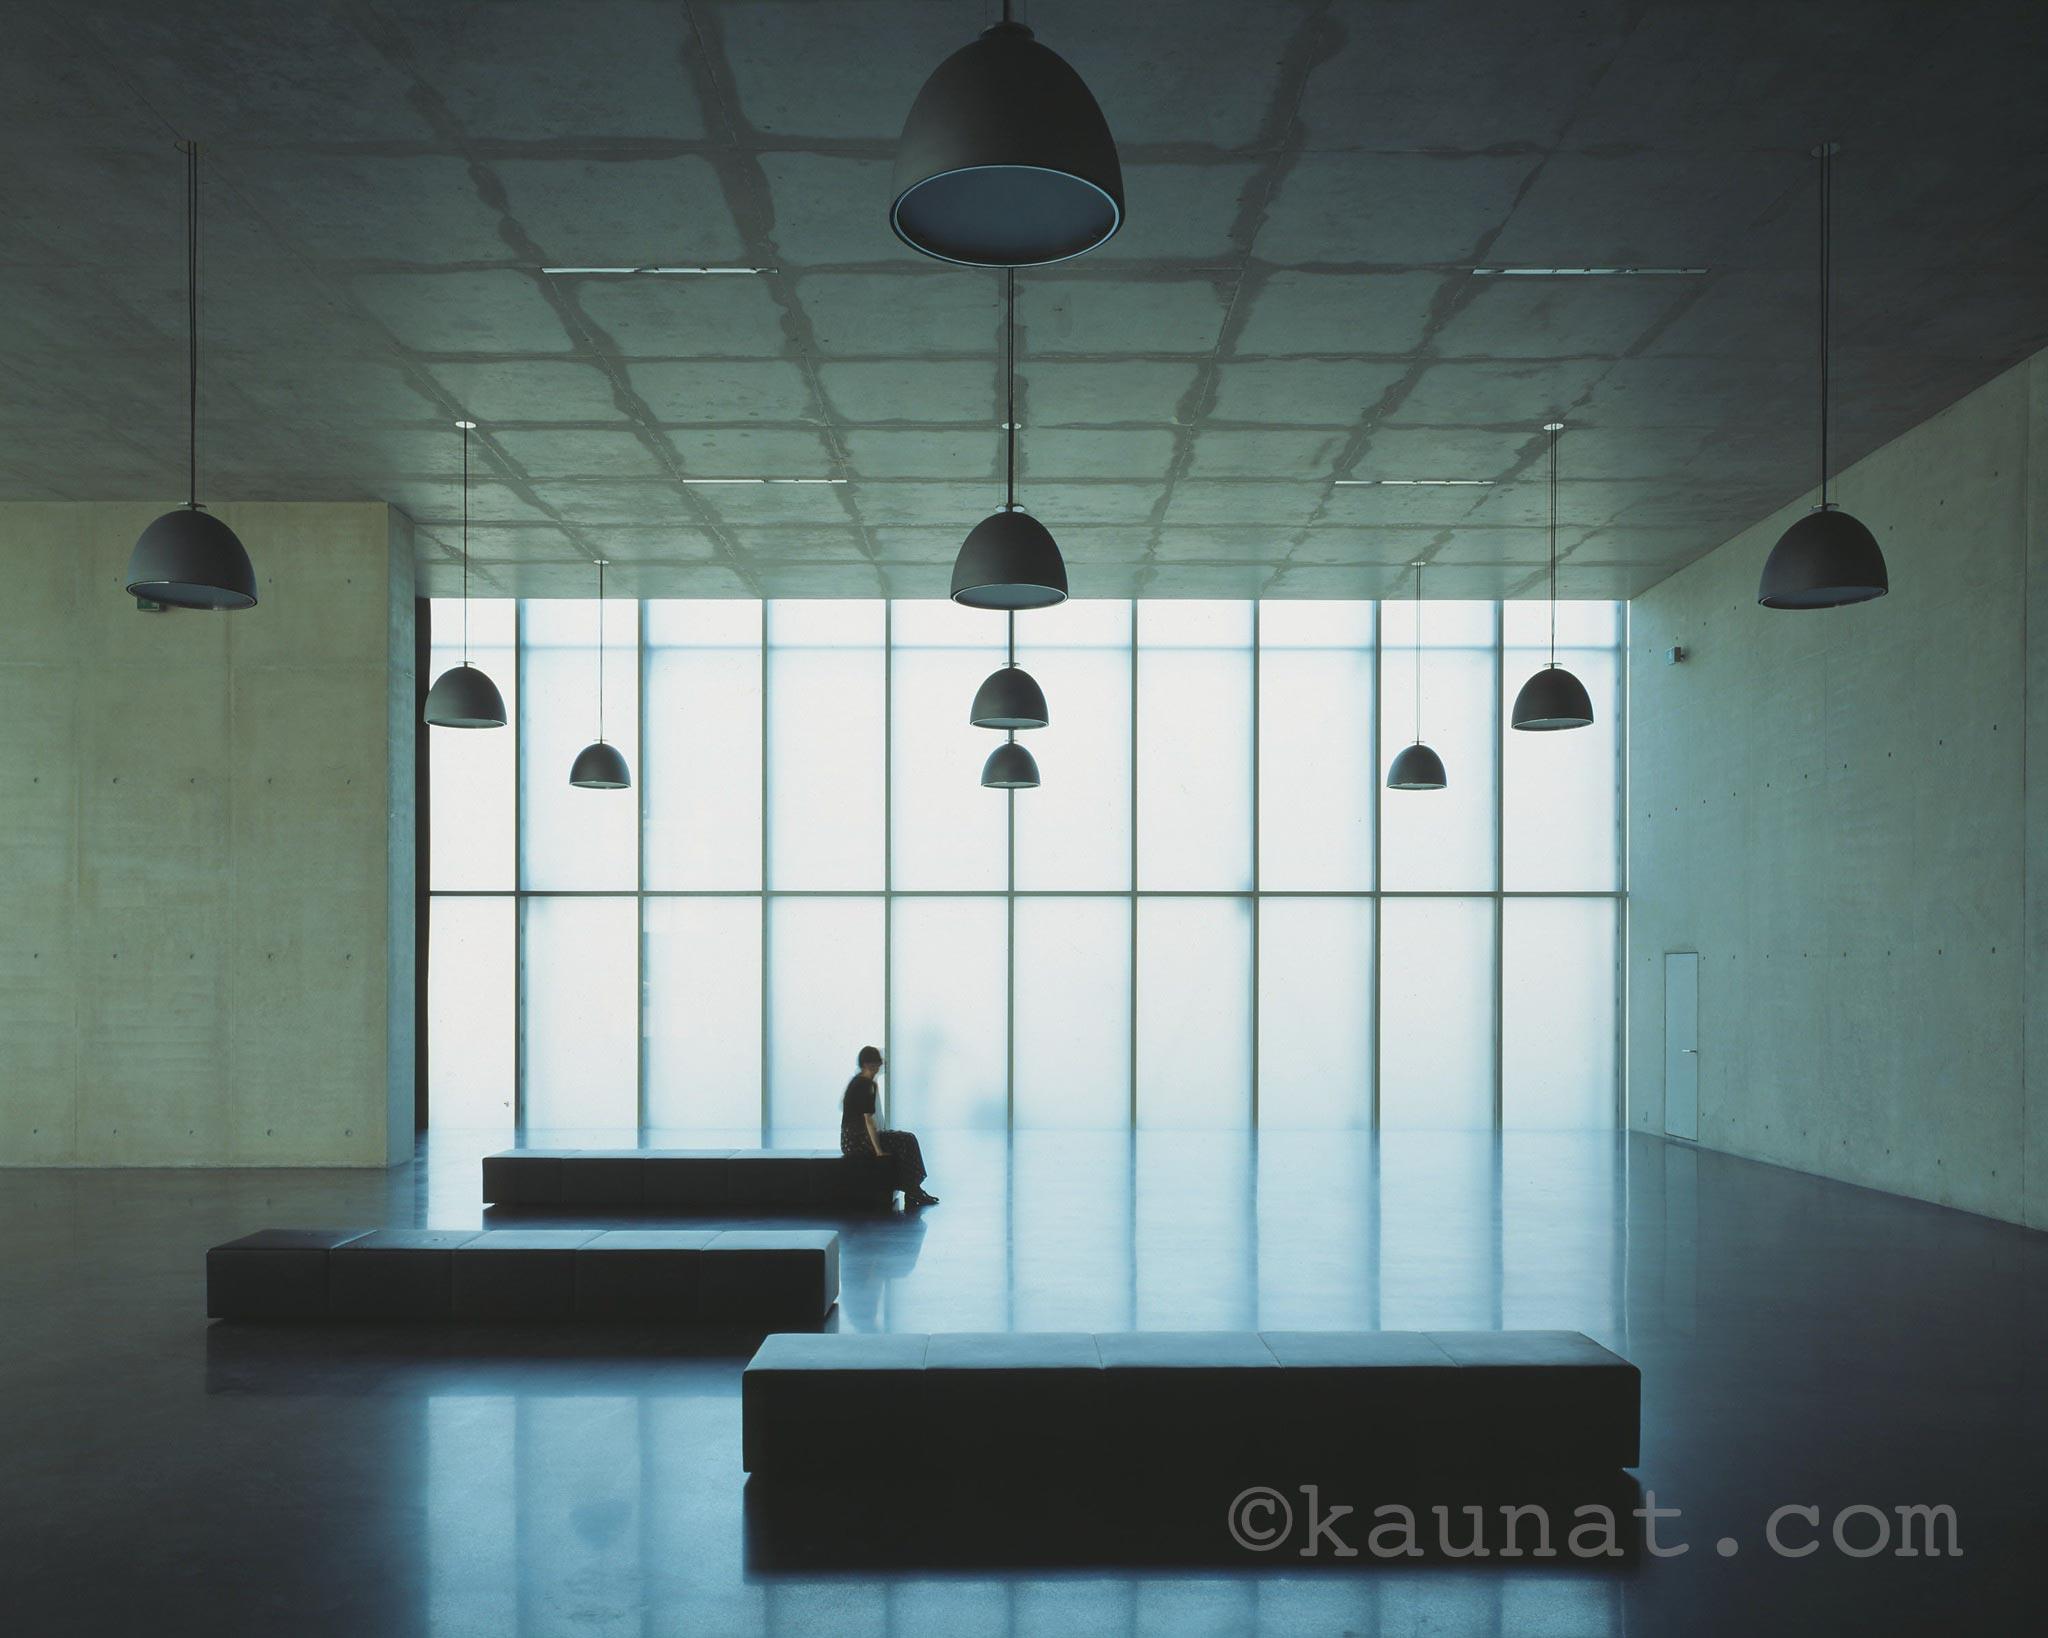 kunsthaus bregenz architektur